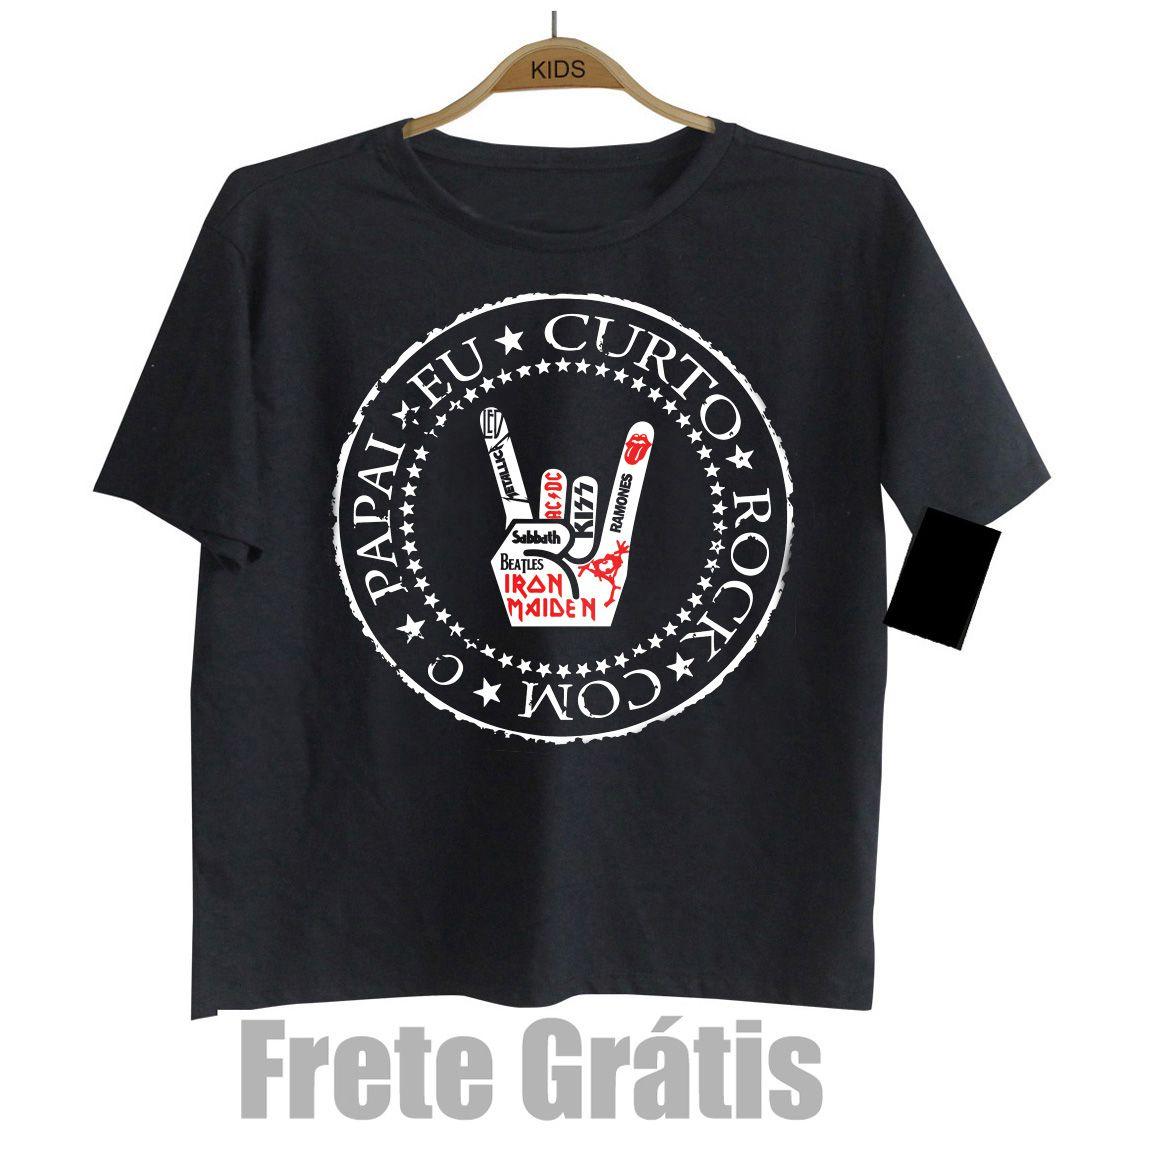 Camiseta Infantil Eu Curto Rock com o Papai - Black  - Baby Monster S/A